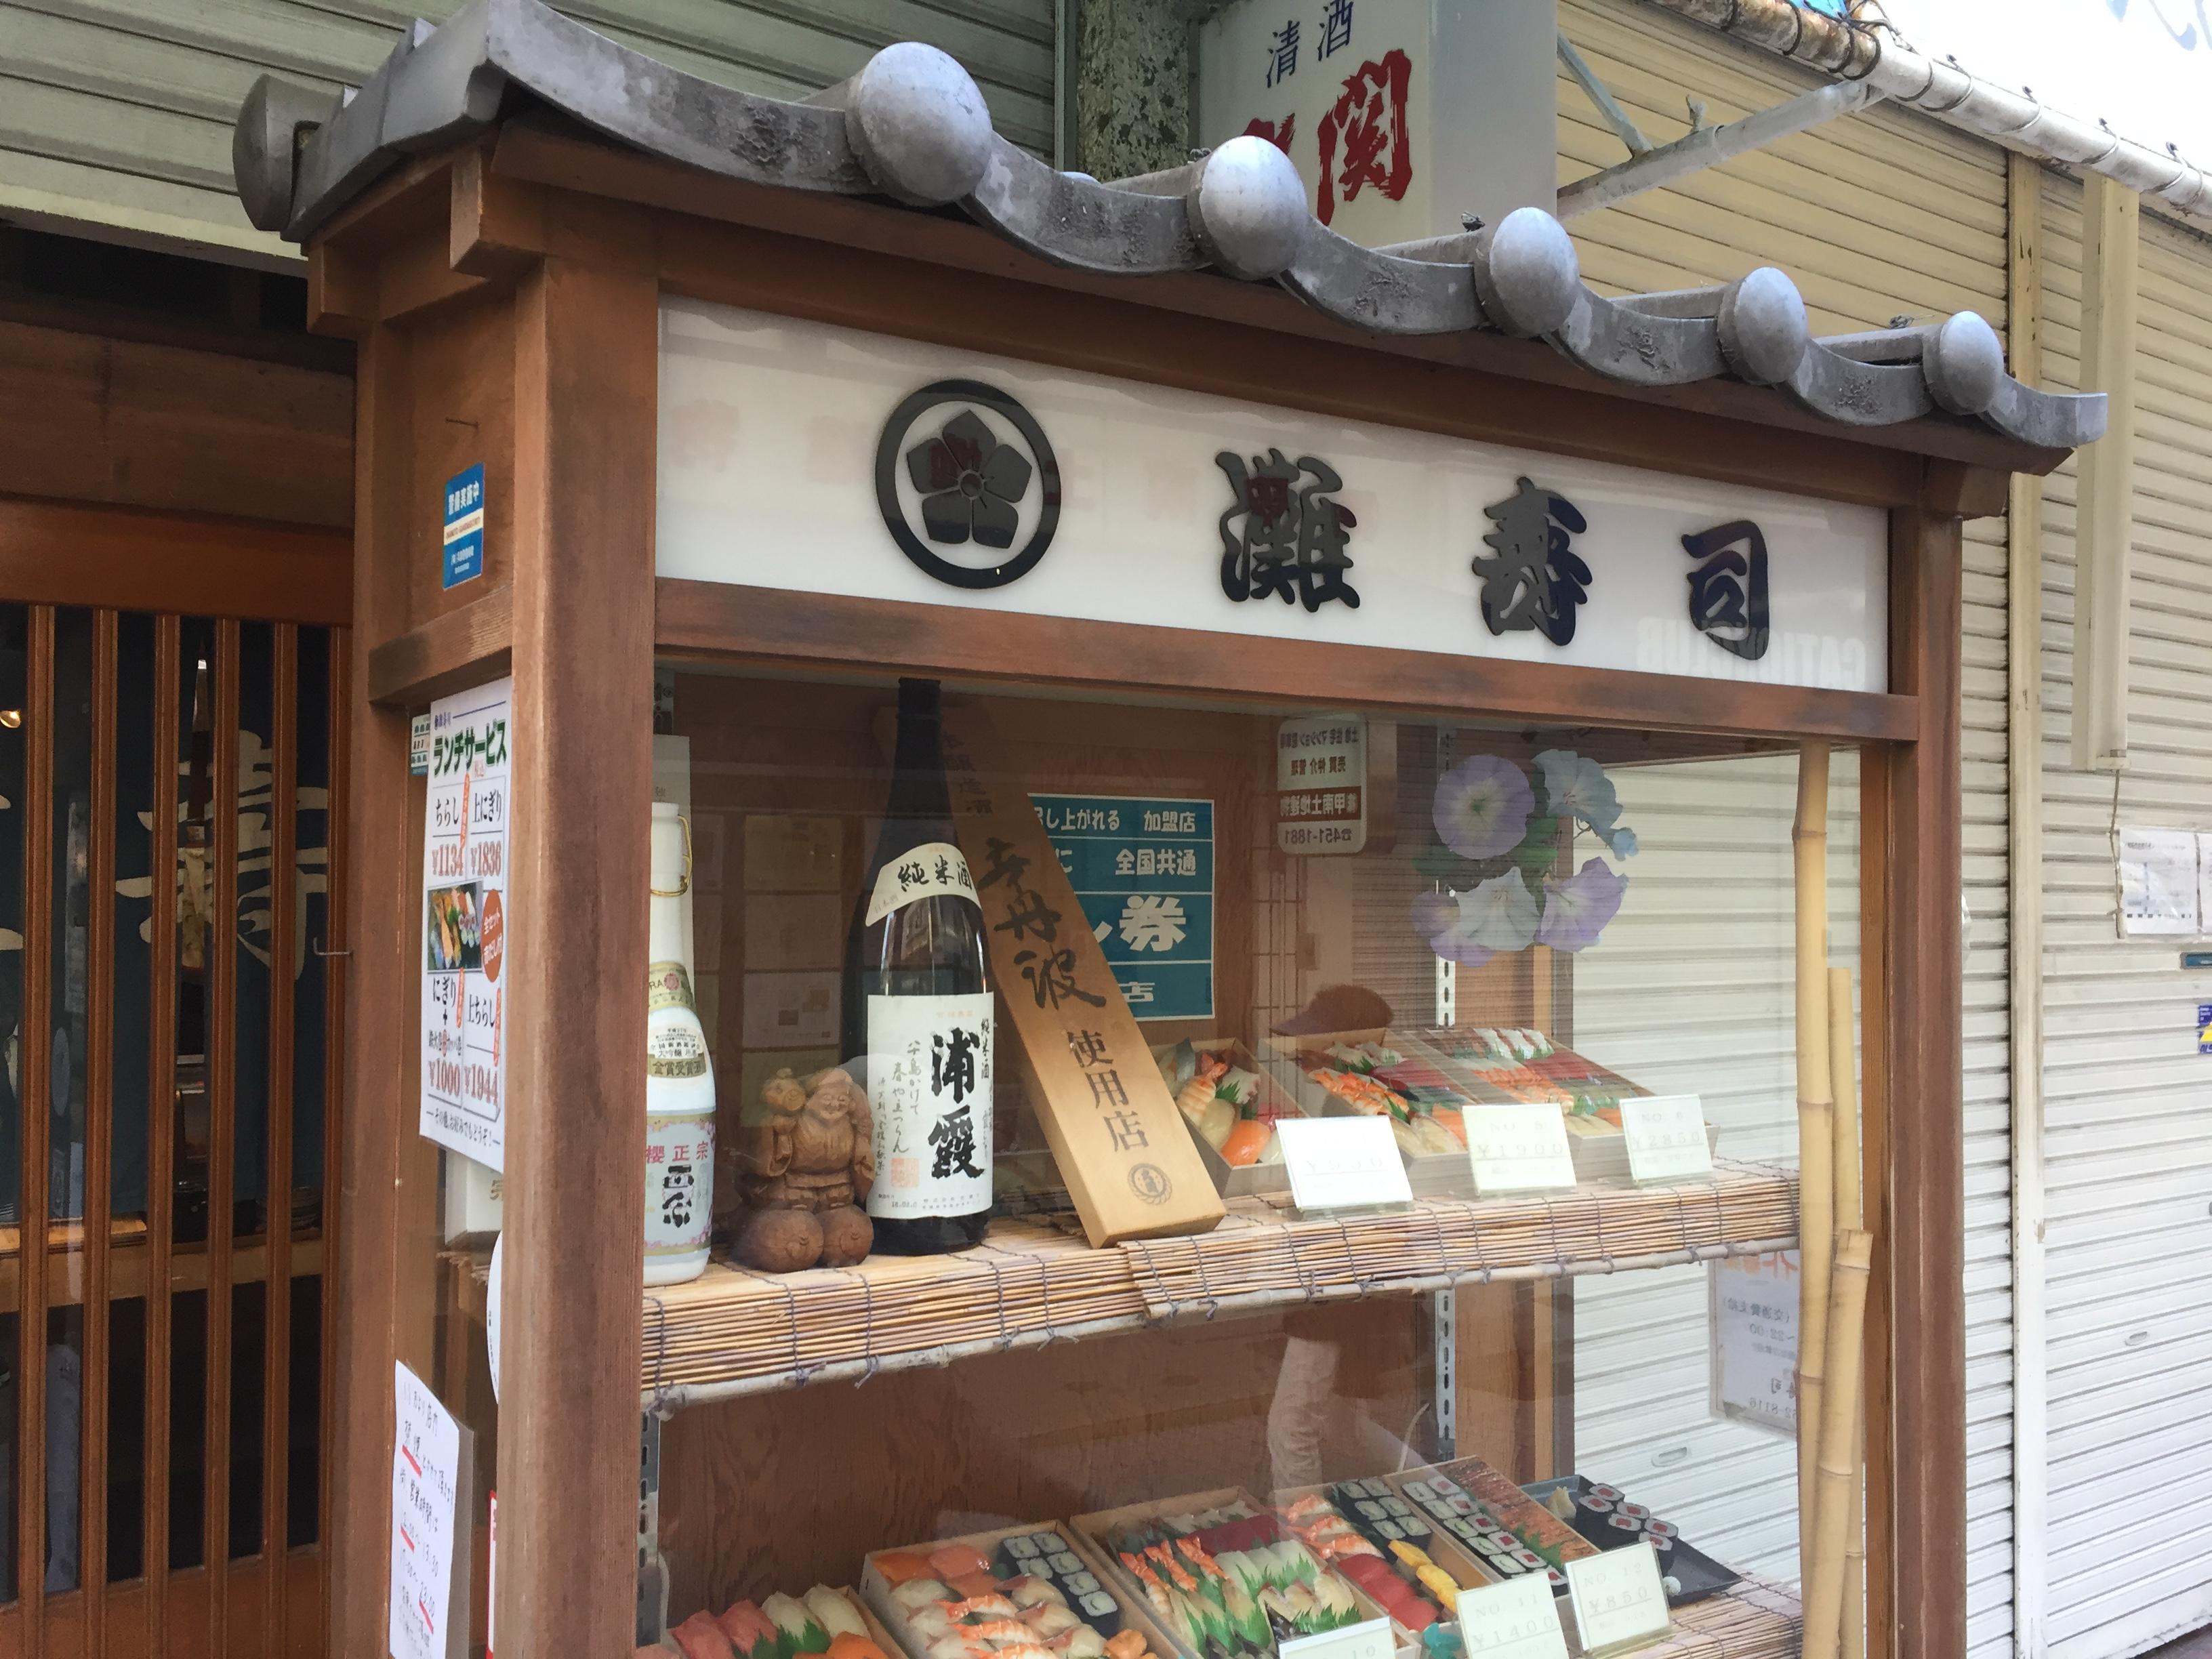 神戸・岡本の「灘寿司」さんが新店舗に移転される予定だよ【お知らせ】